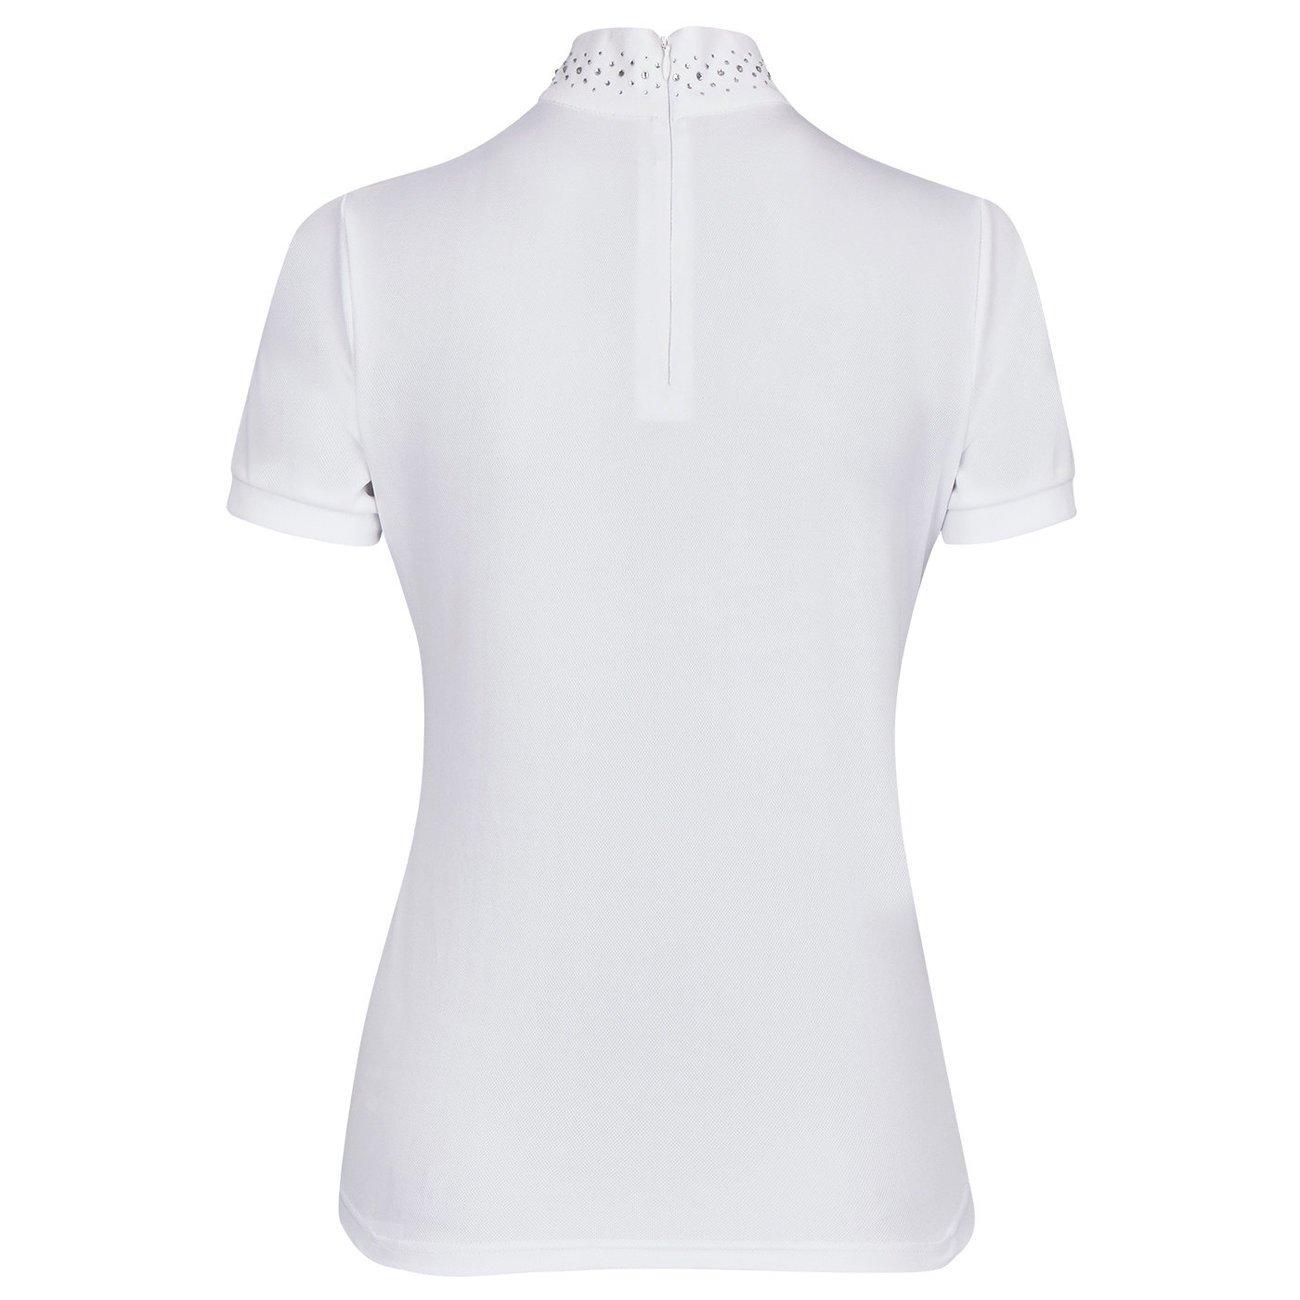 BUSSE Turnier Shirt Ankum, Bild 4